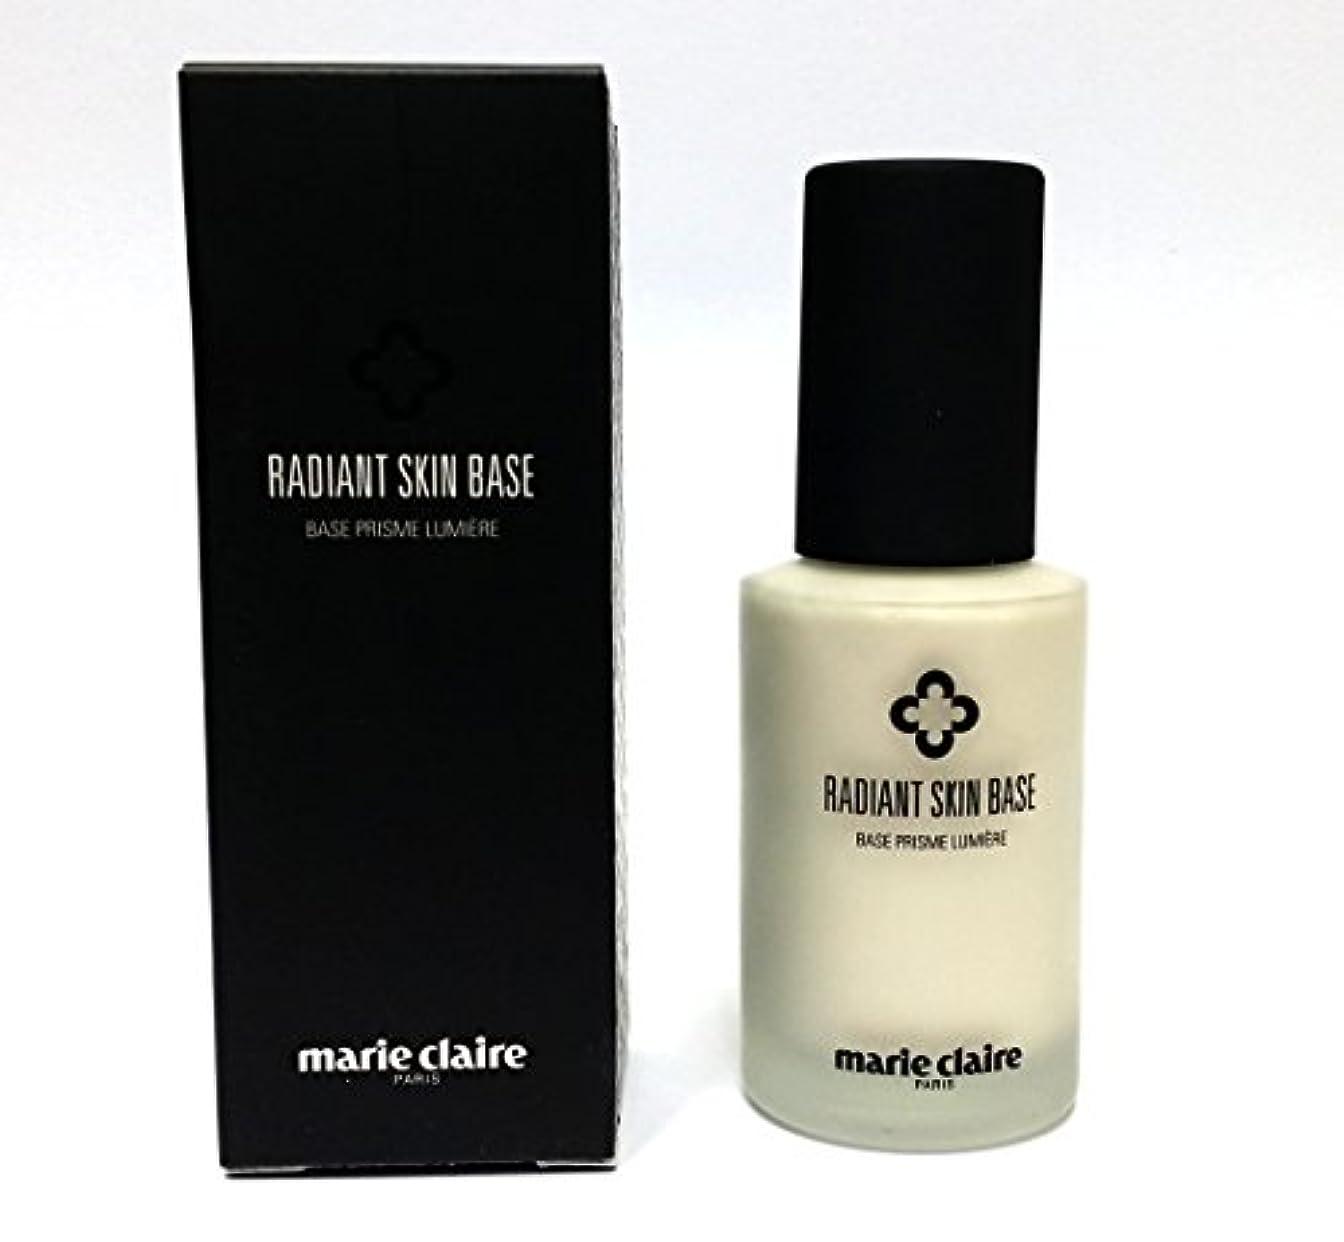 威する文献処理する[Marie Claire] ラディアントスキンベース30ml / Radiant Skin Base 30ml / 皮膚の傷はカバー / skin blemishes cover / ソフト、水分、絹のような / soft...